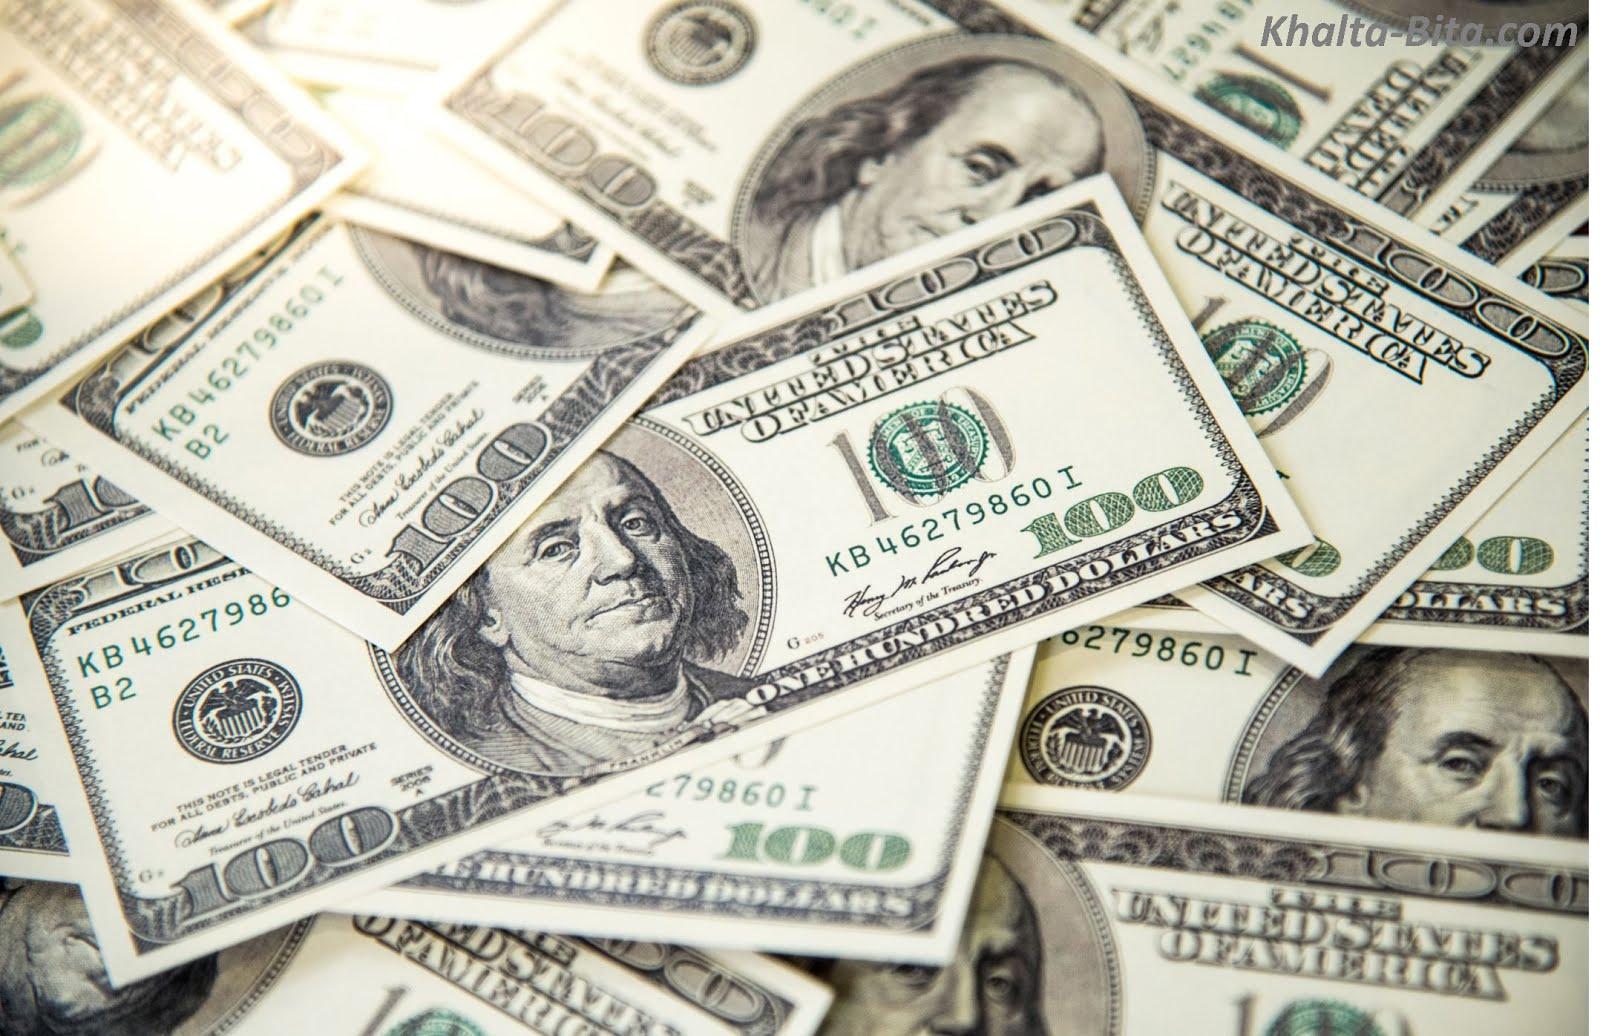 سعر الدولار اليوم في مصر الاثنين 18 يناير